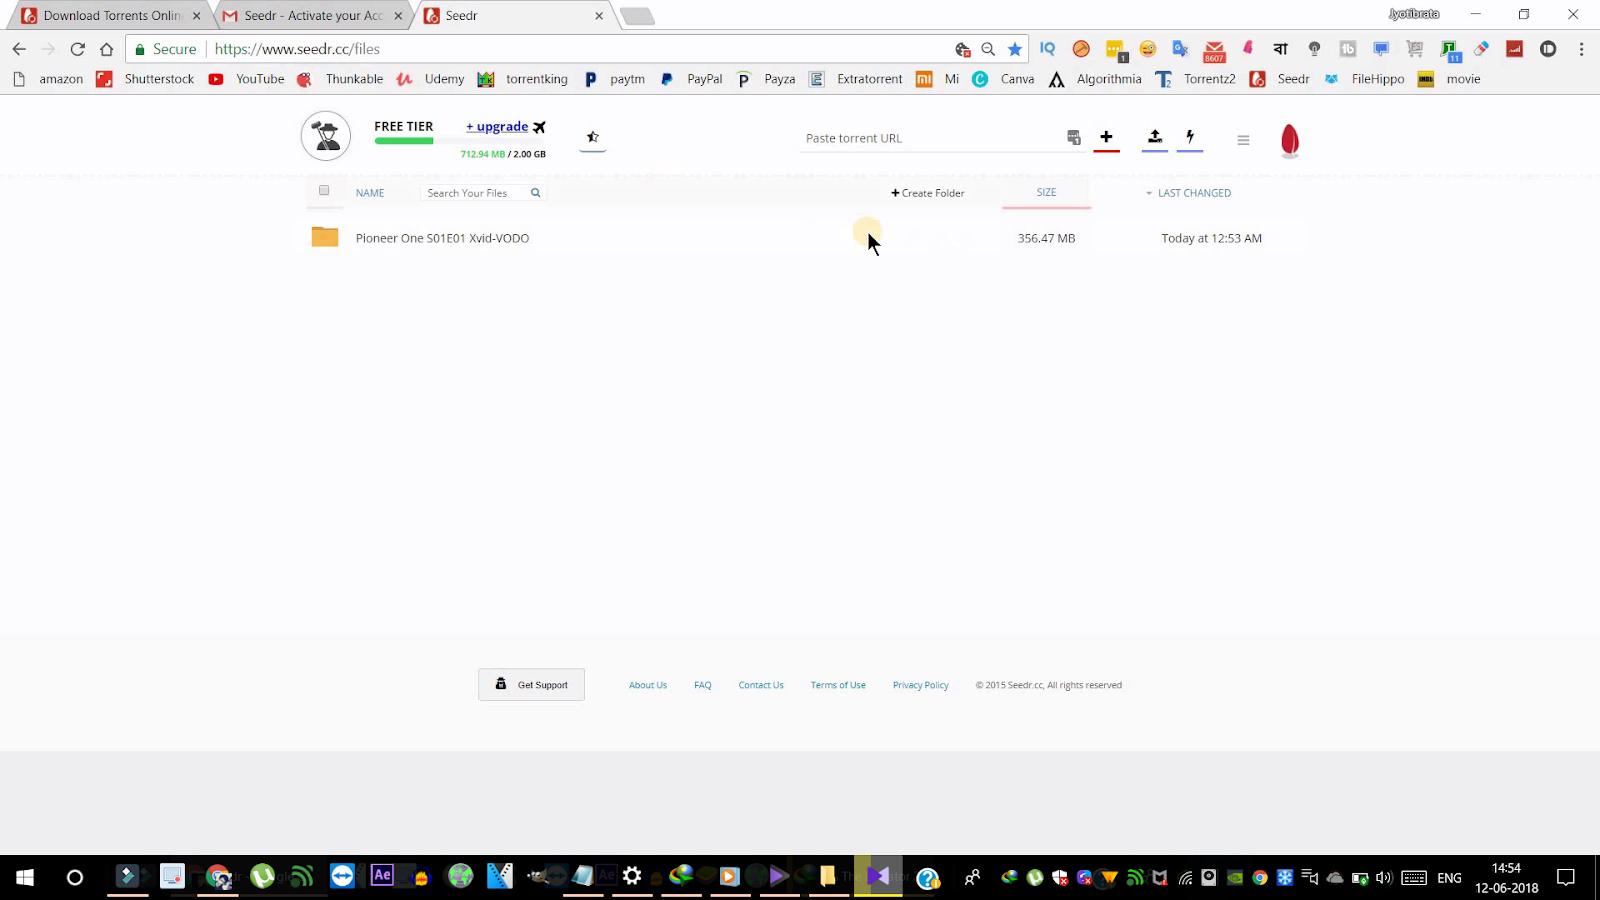 hichki torrent download torrent magnet